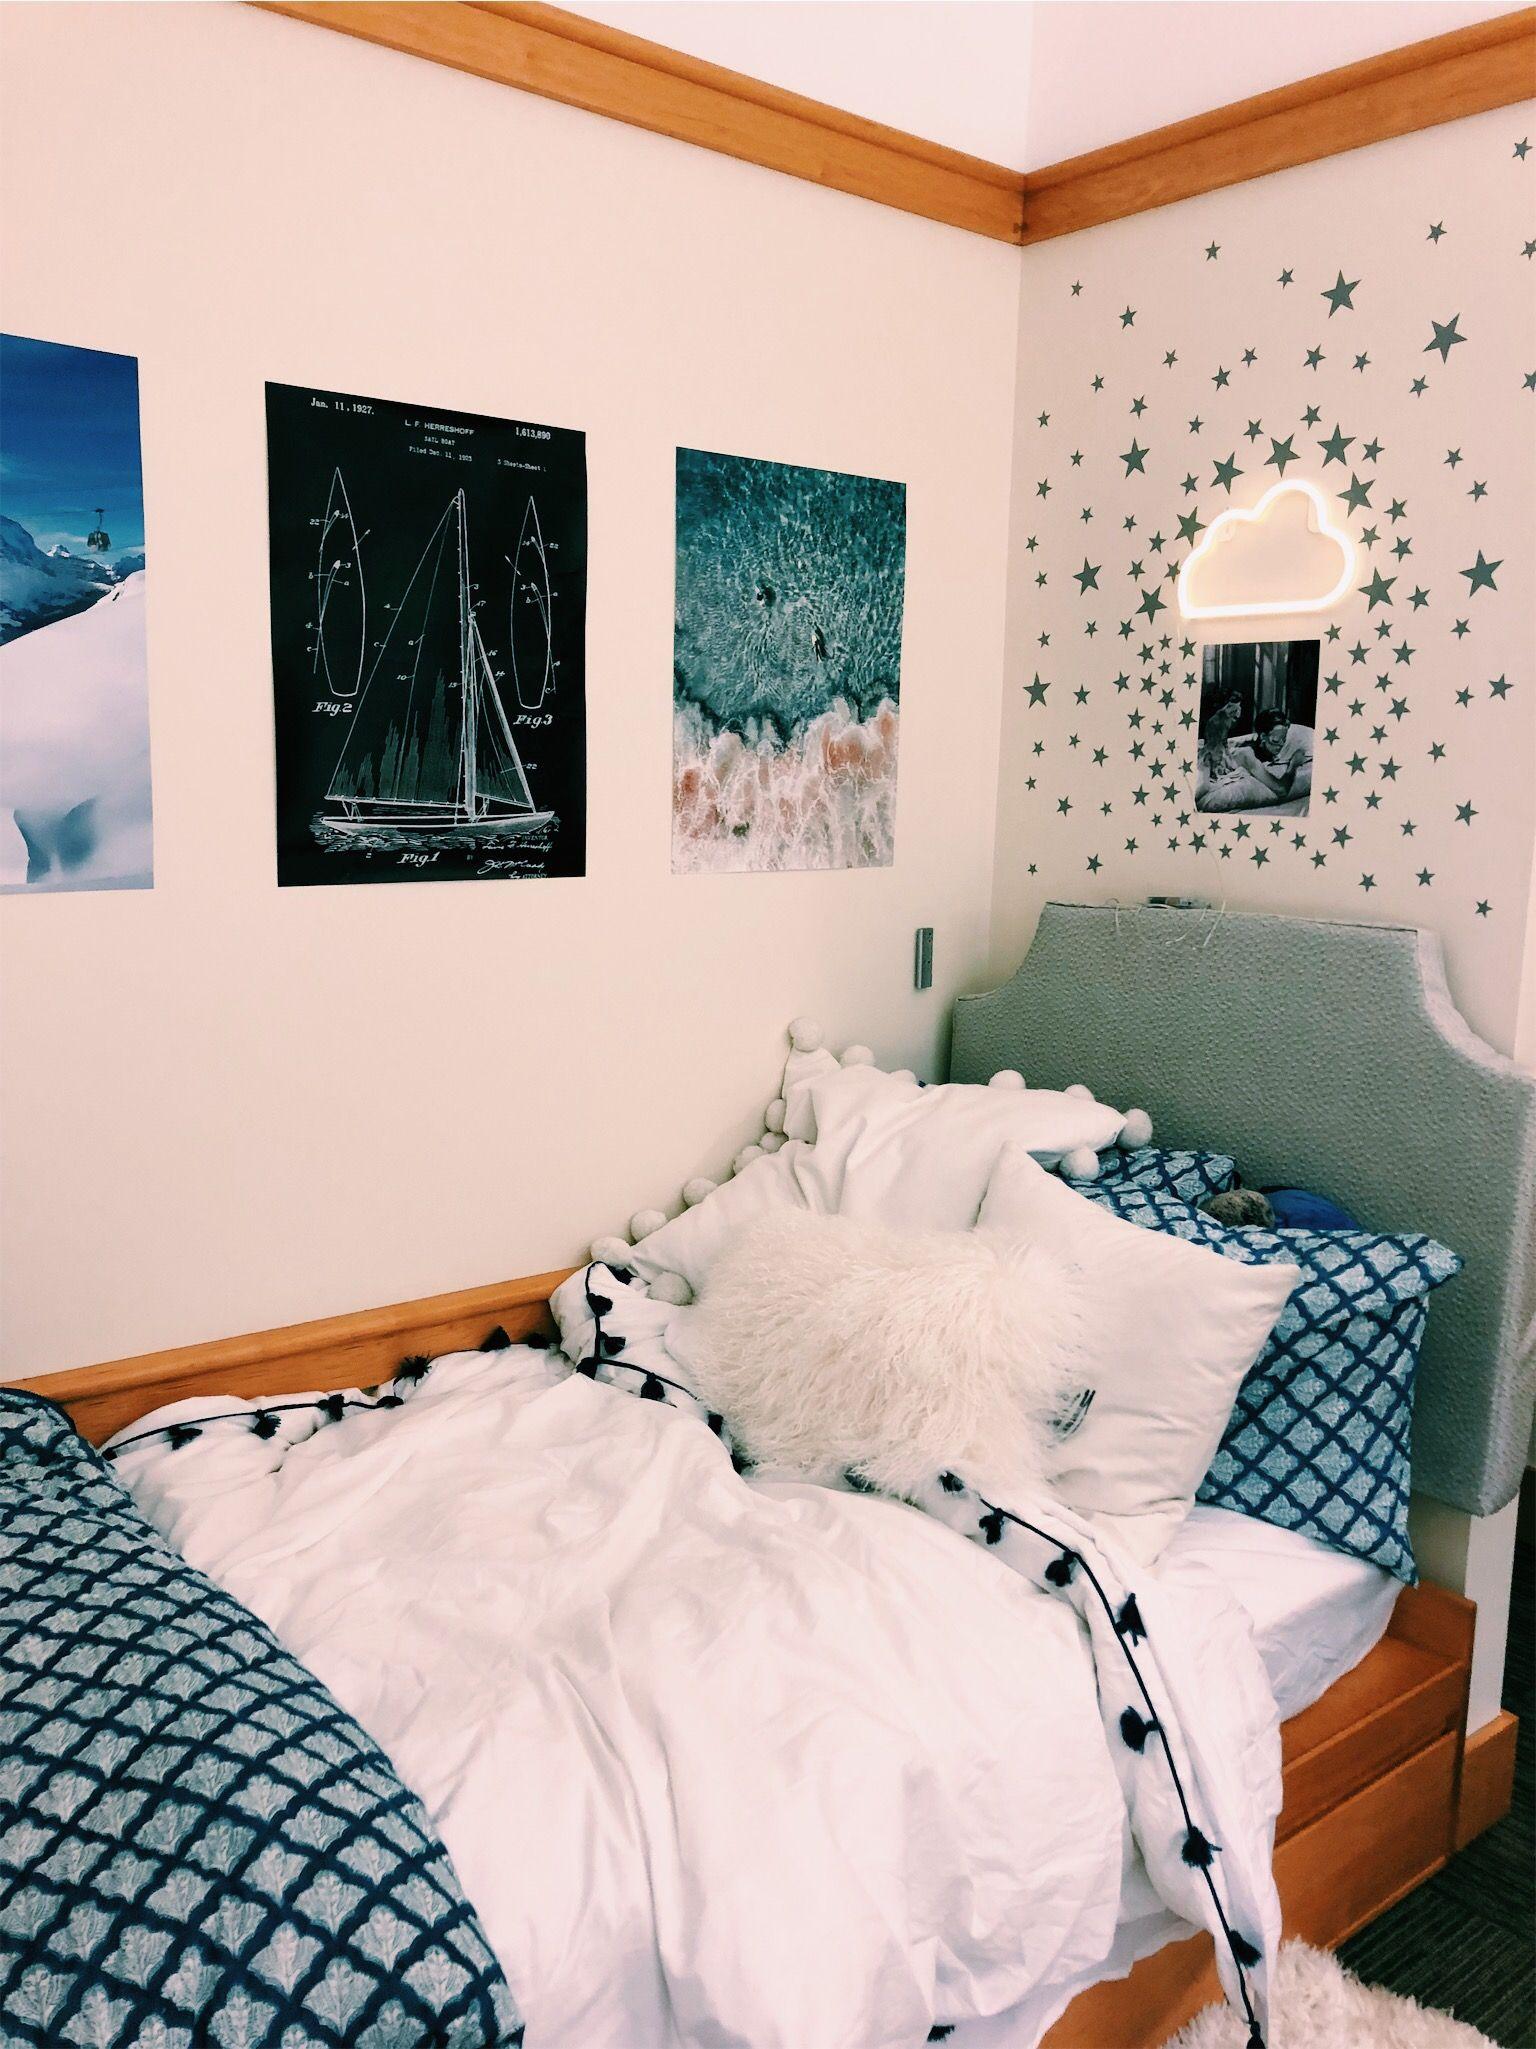 Vsco Georgiamosley Dorm Room Inspiration Dorm Room Decor Dorm Room Designs